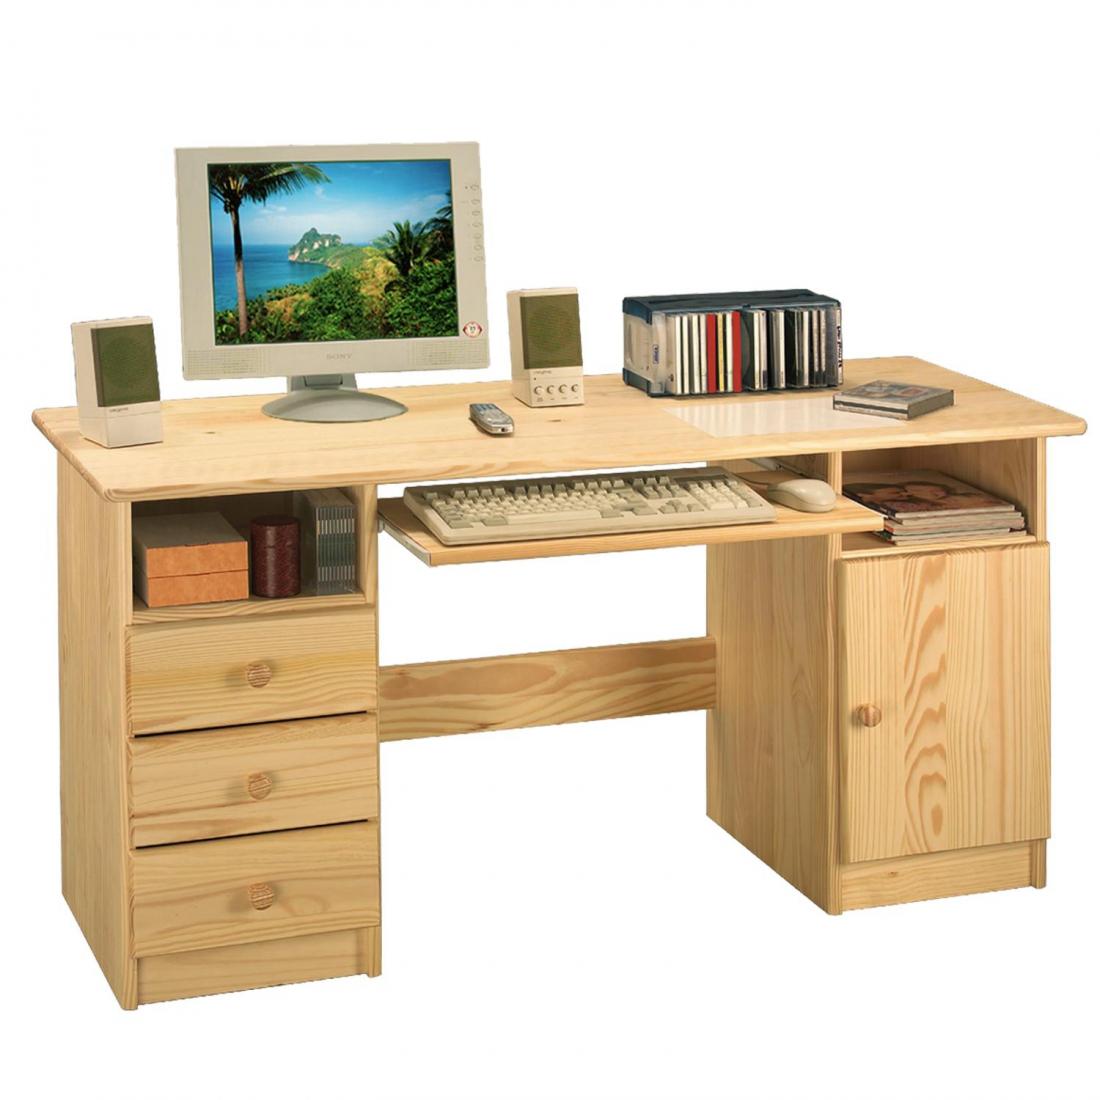 <![CDATA[Počítačový stůl, PC stůl 8847 borovicový masiv Idea]]>